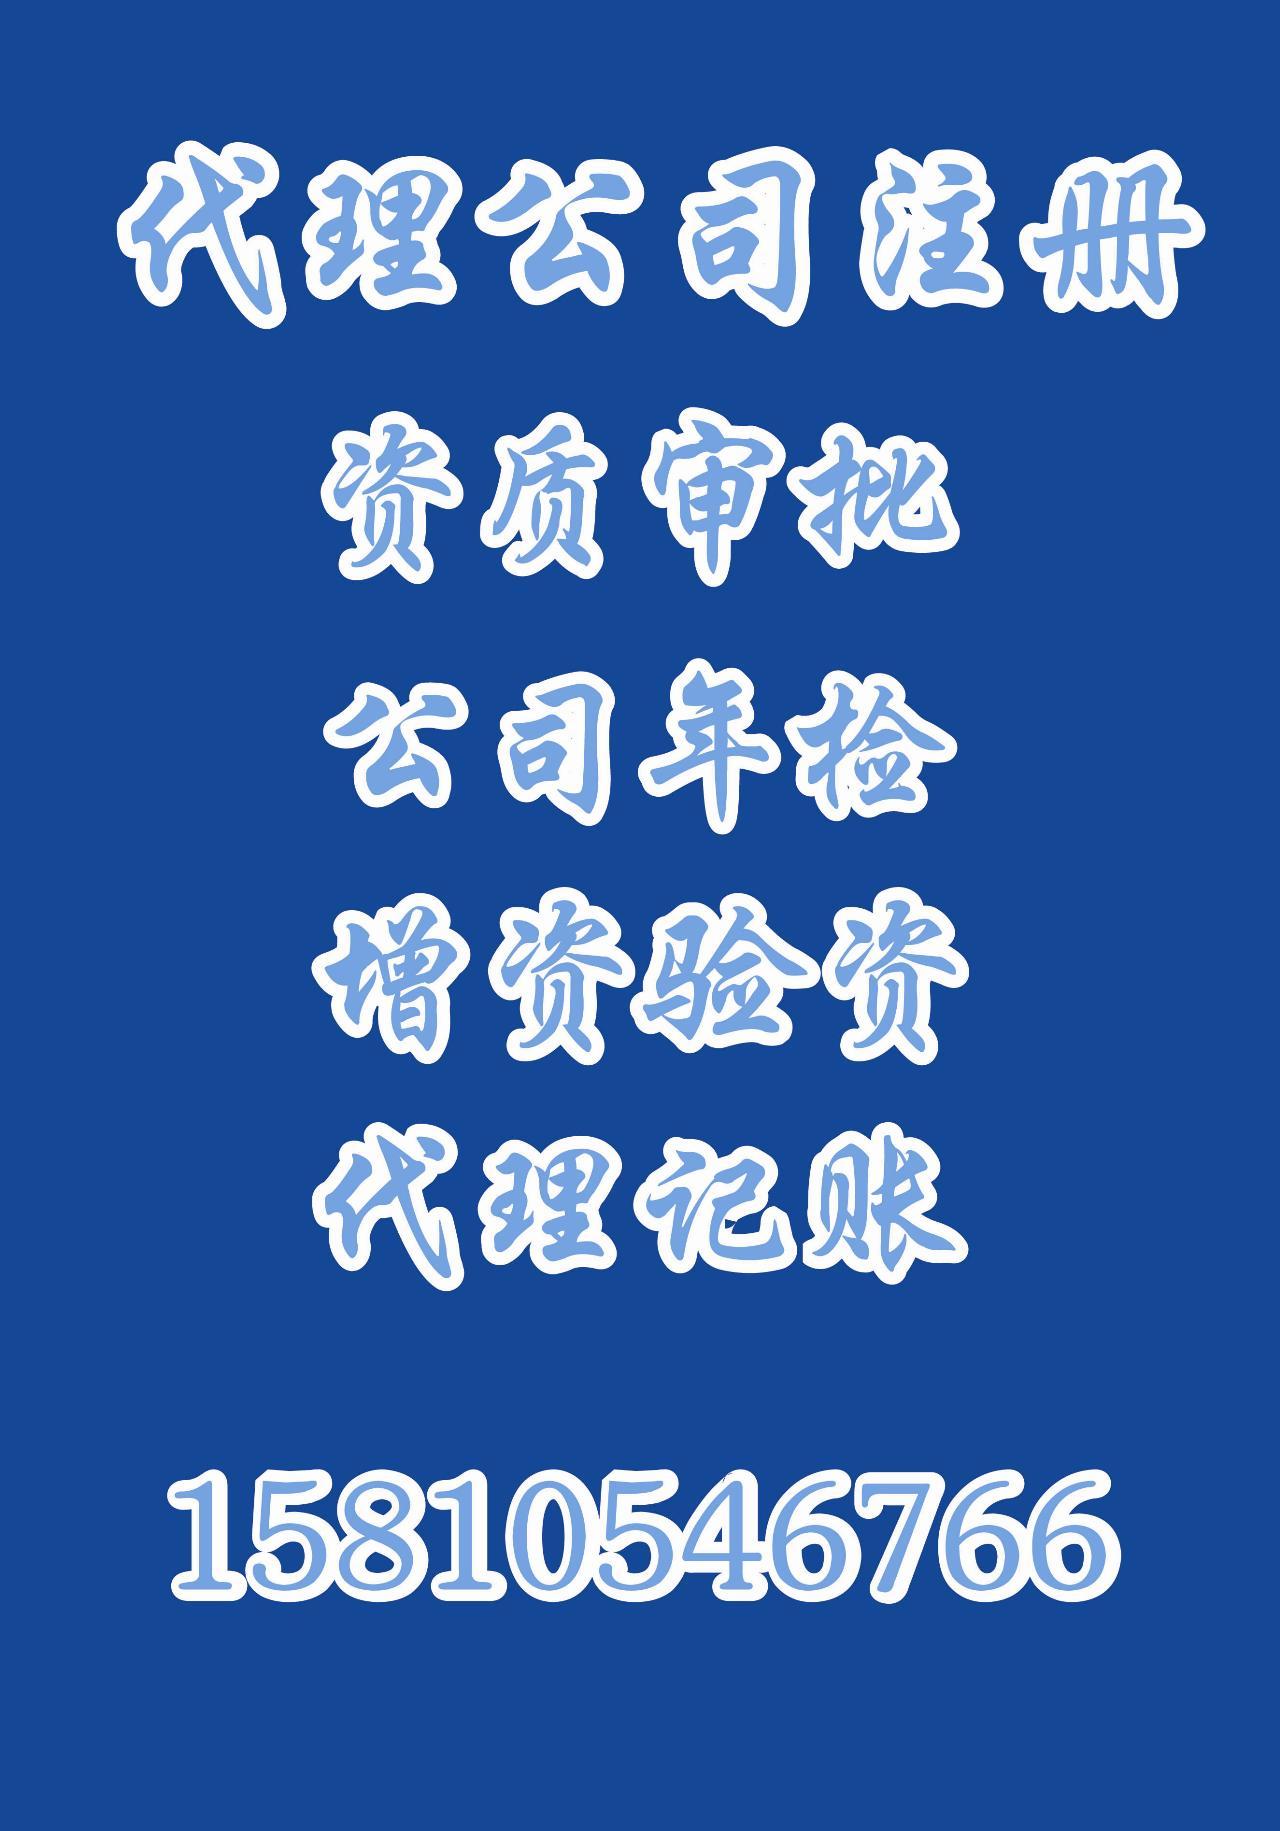 北京求购100万公司 100万公司求购